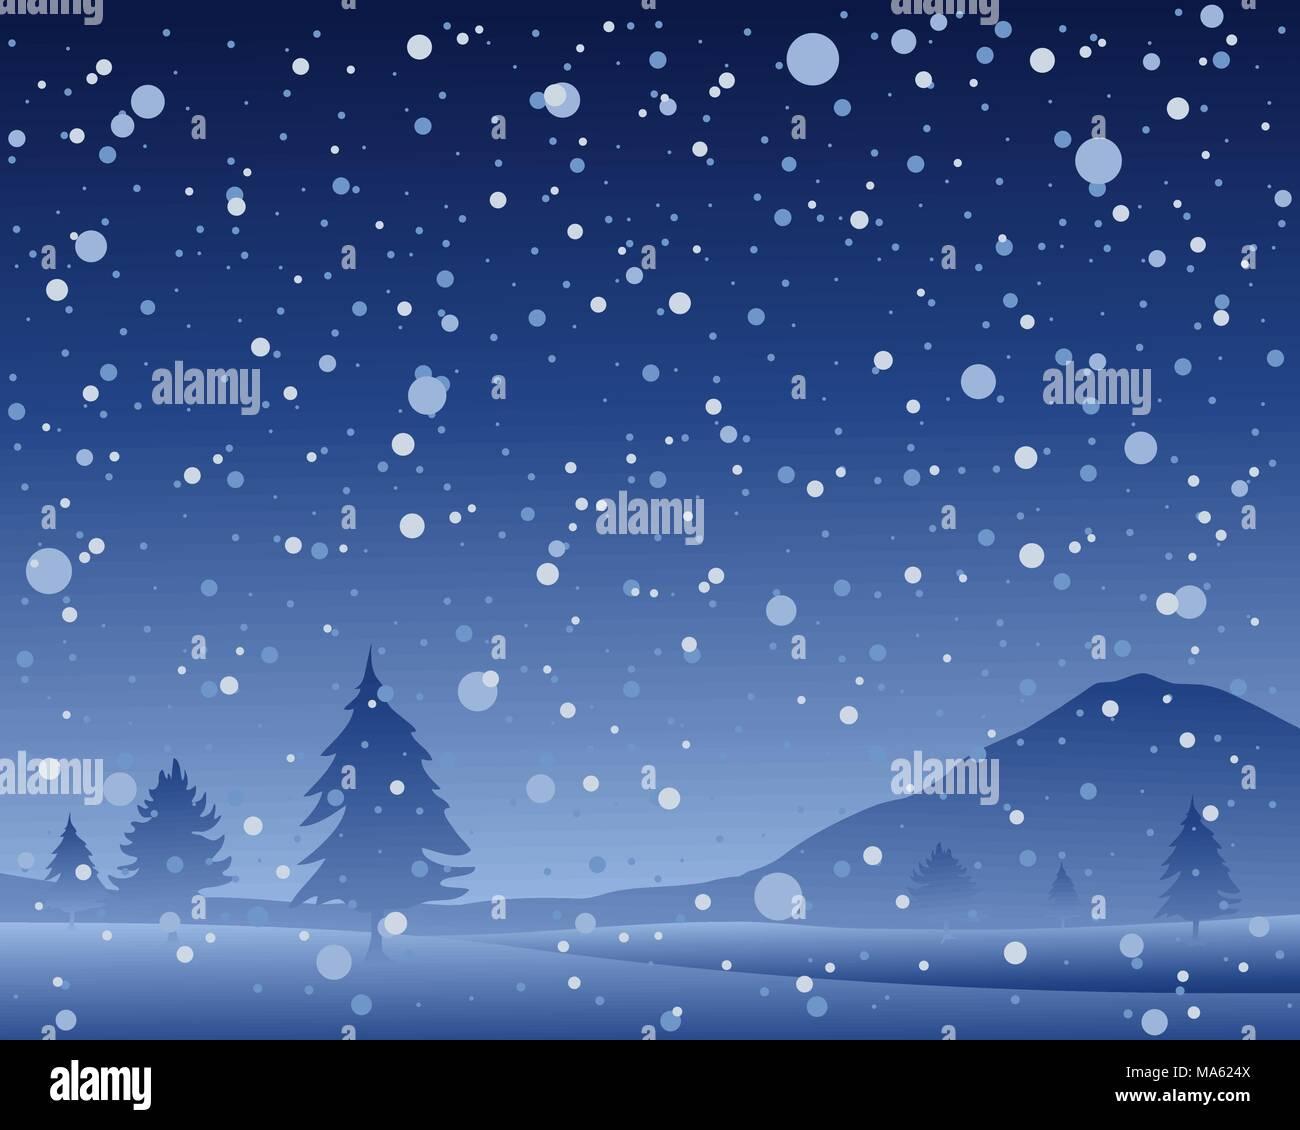 Una illustrazione vettoriale in formato eps formato 10 di una bella buia notte nevosa a Natale con il paesaggio di colline e di abeti in una doccia di neve Immagini Stock